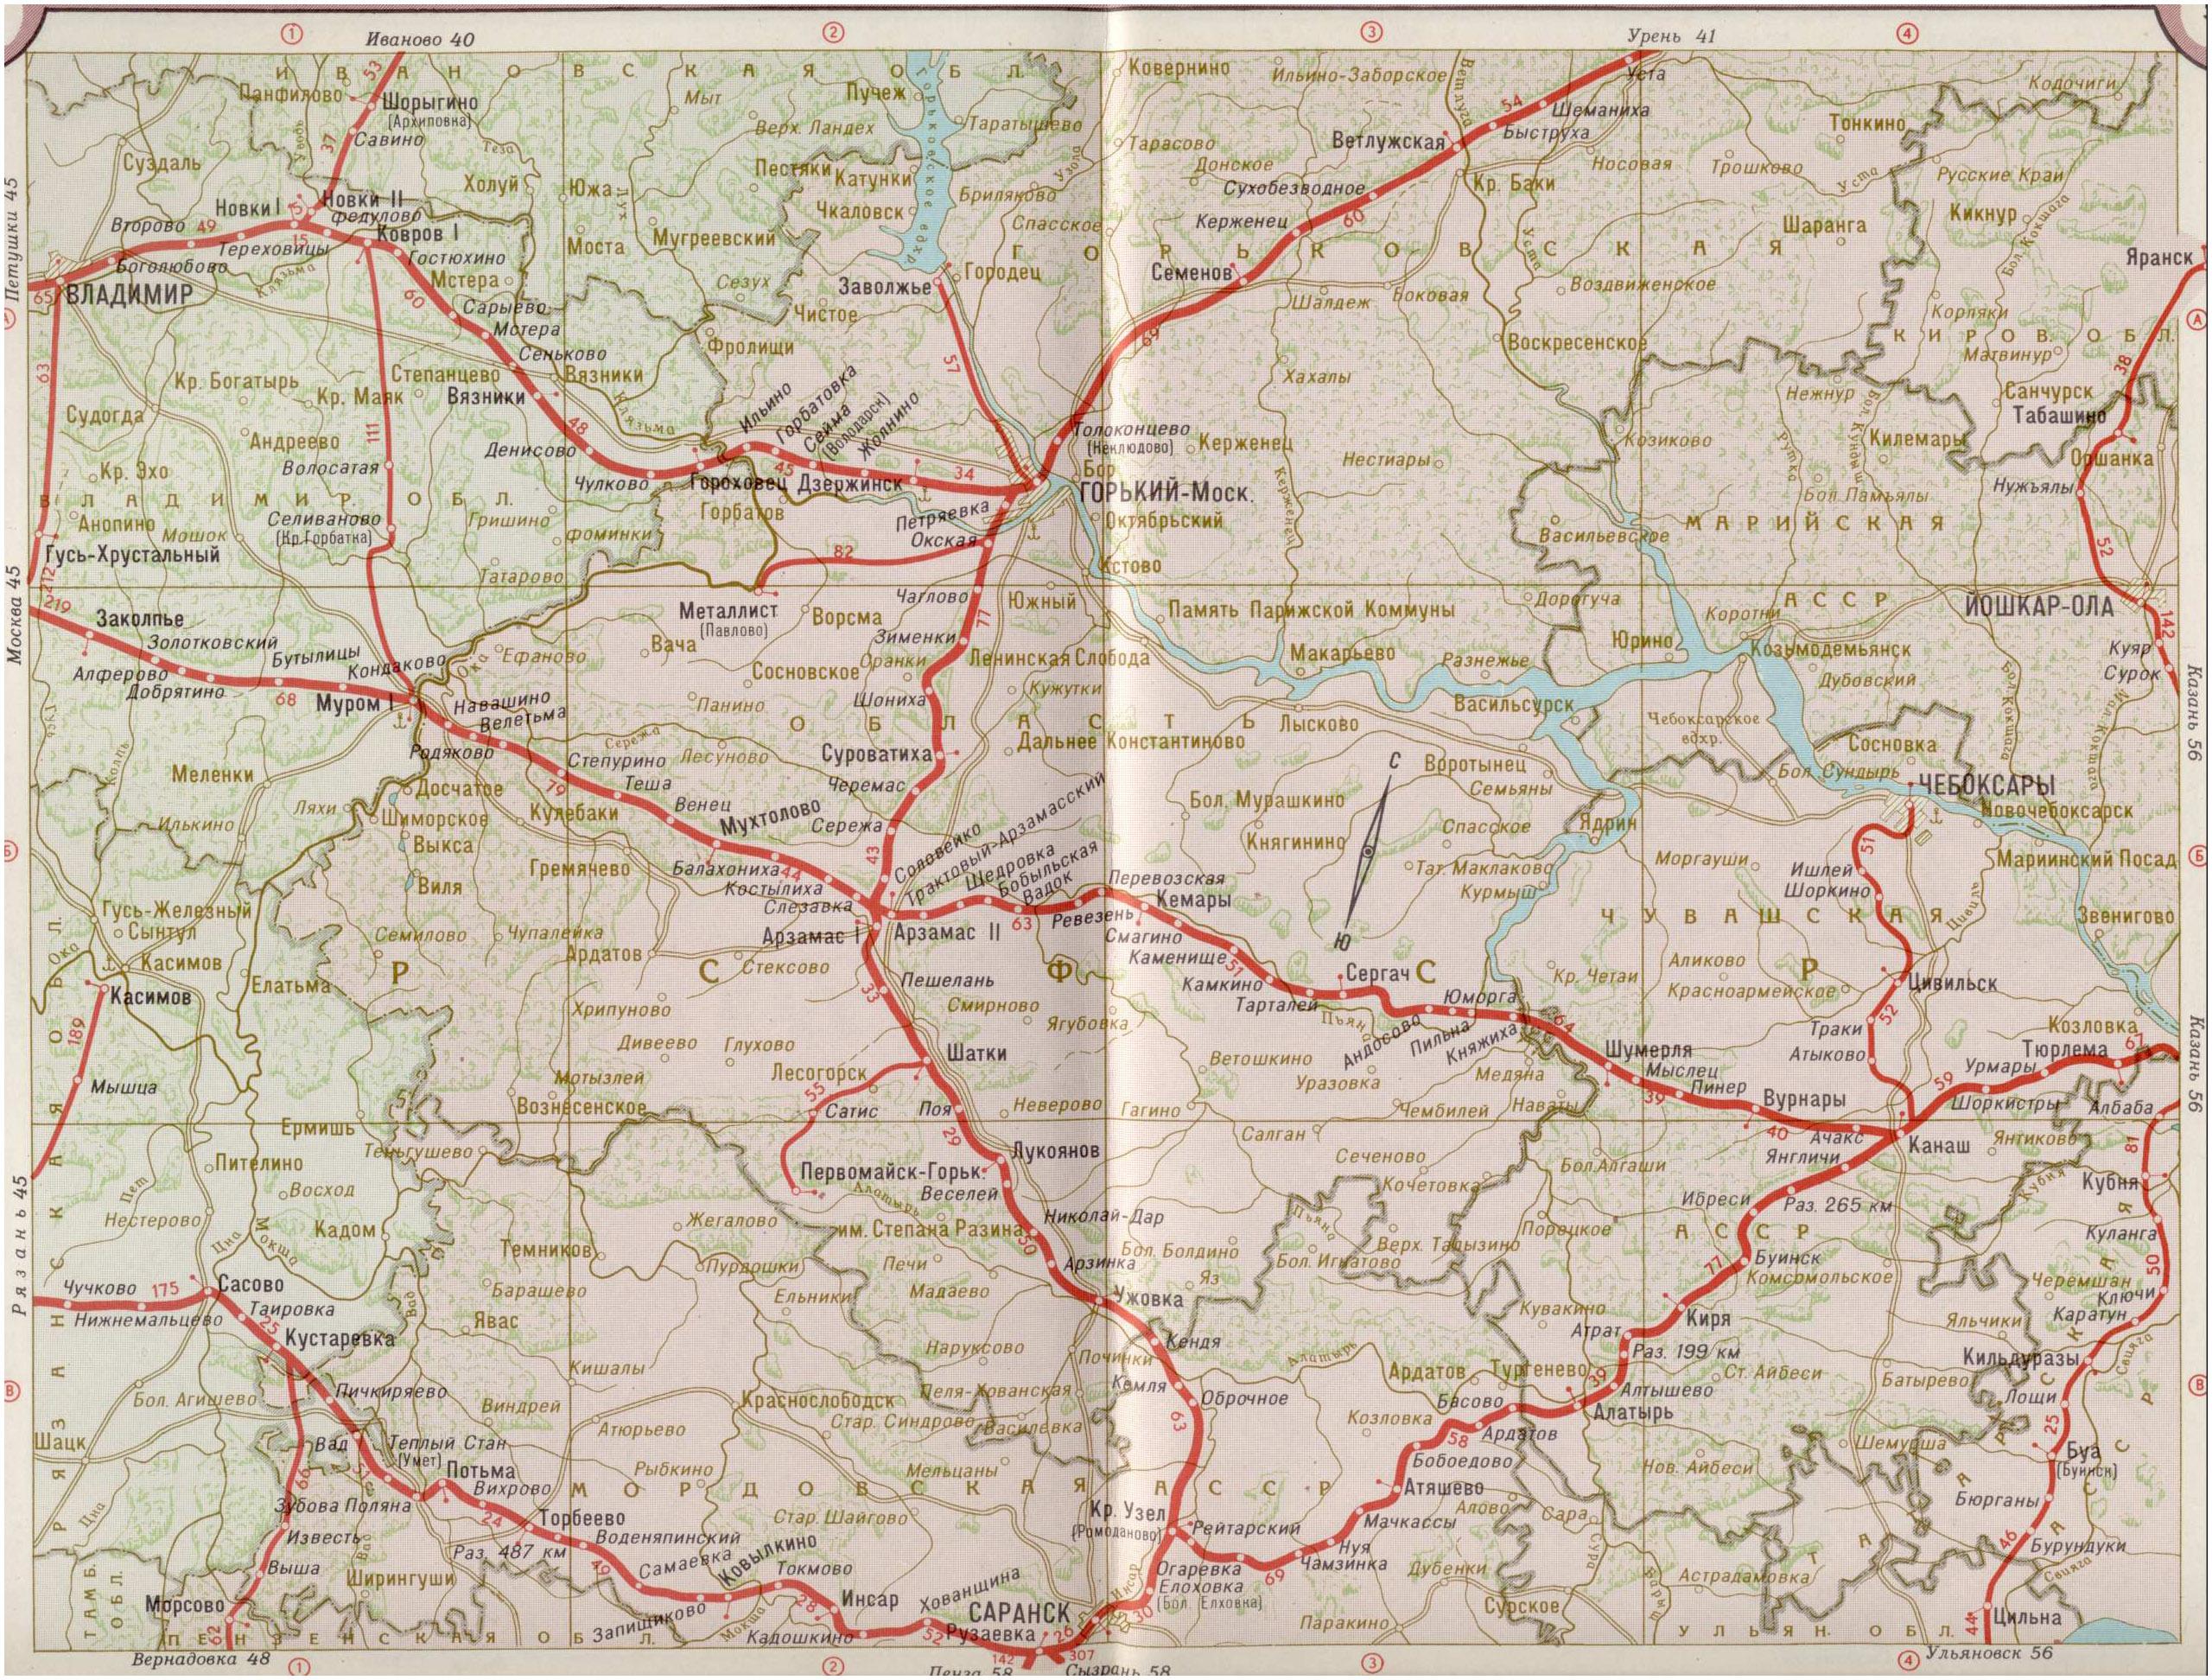 карта схема жд дорог